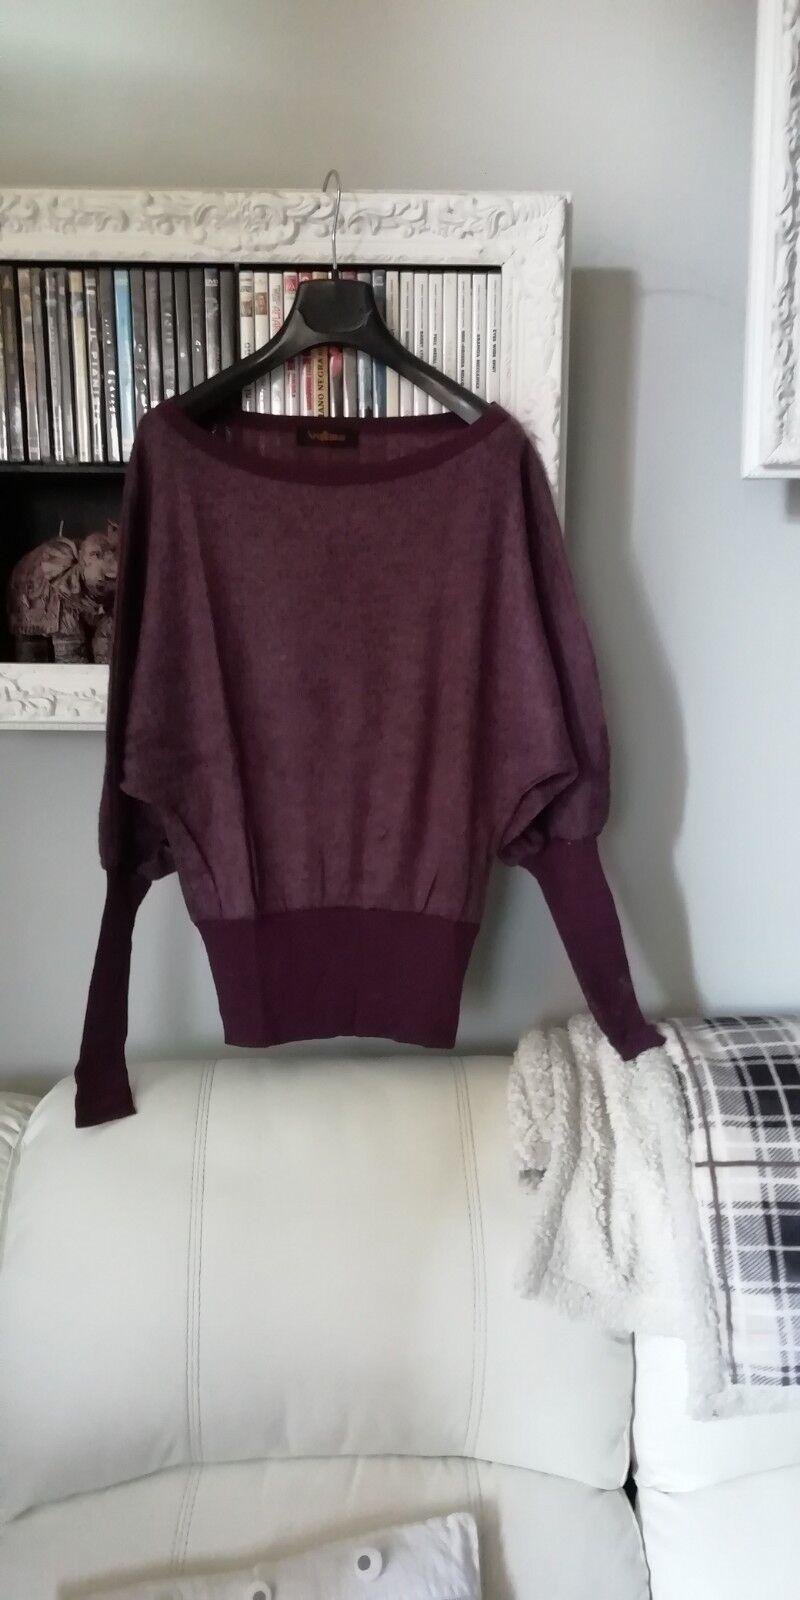 Maglione 100 % lana con maniche a pipistrello vinaccia purple maglia maglioncino